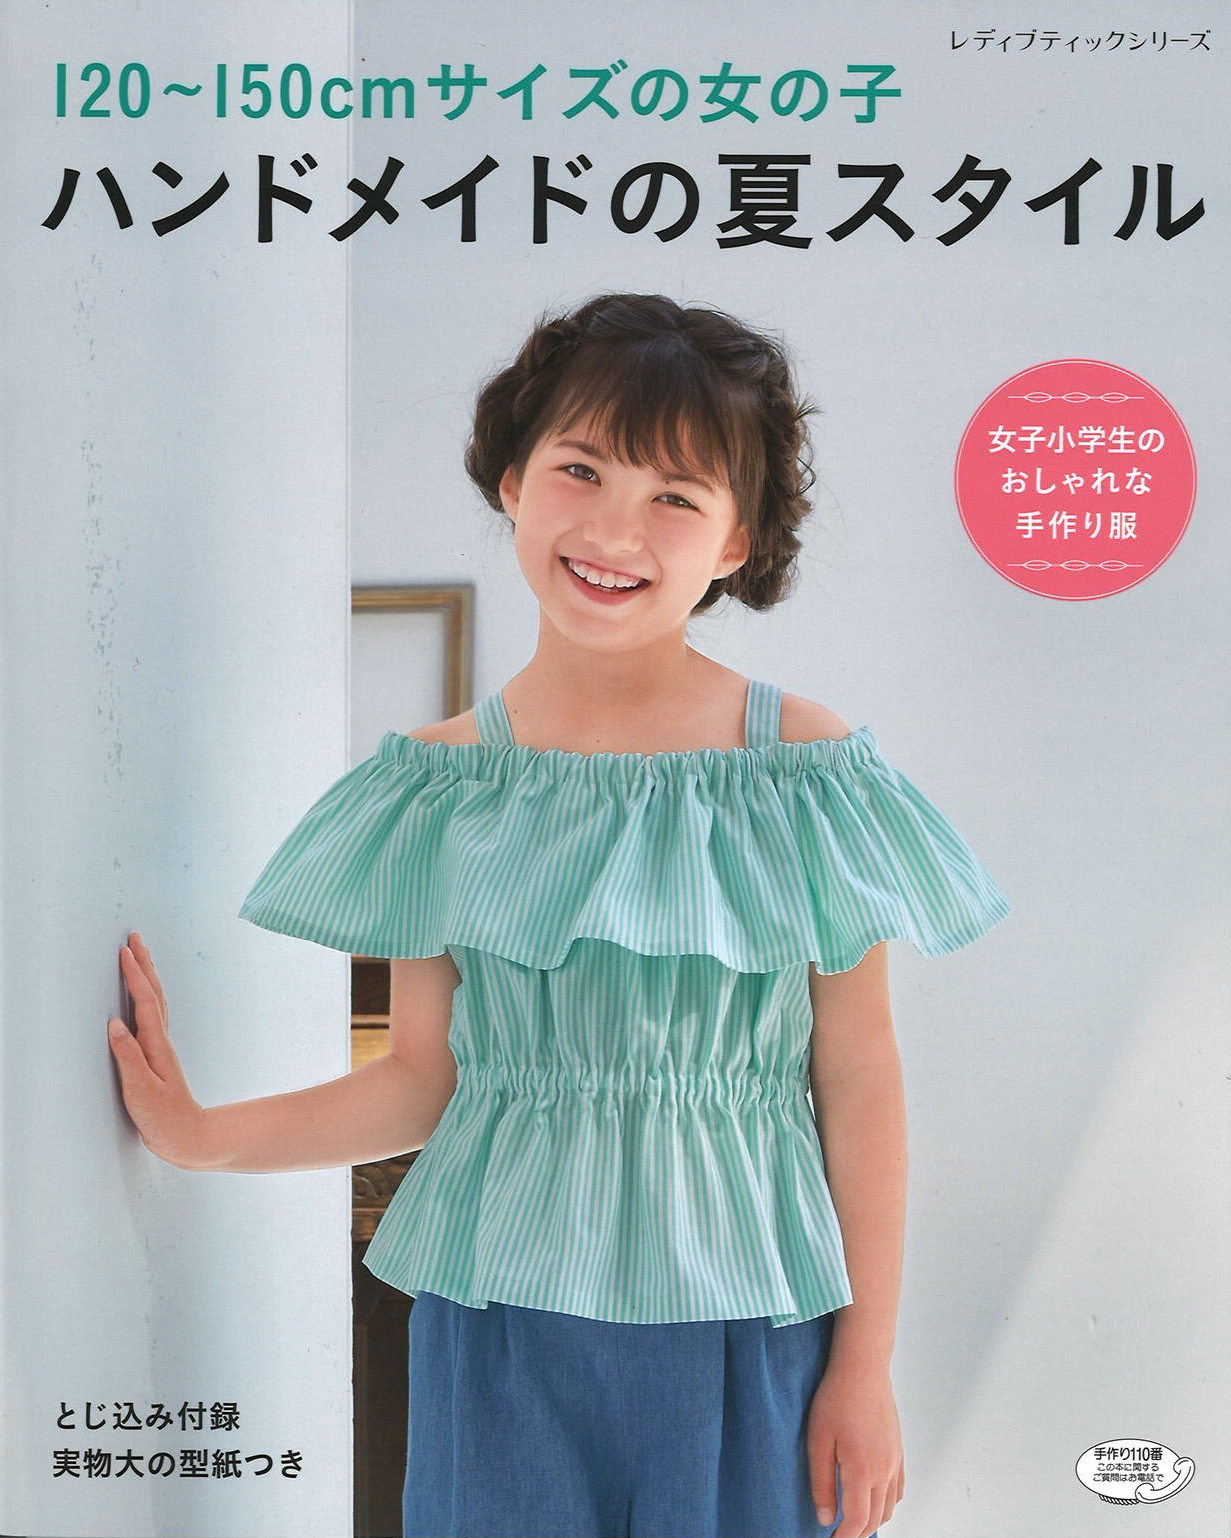 120〜150cmサイズ女の子夏スタイル